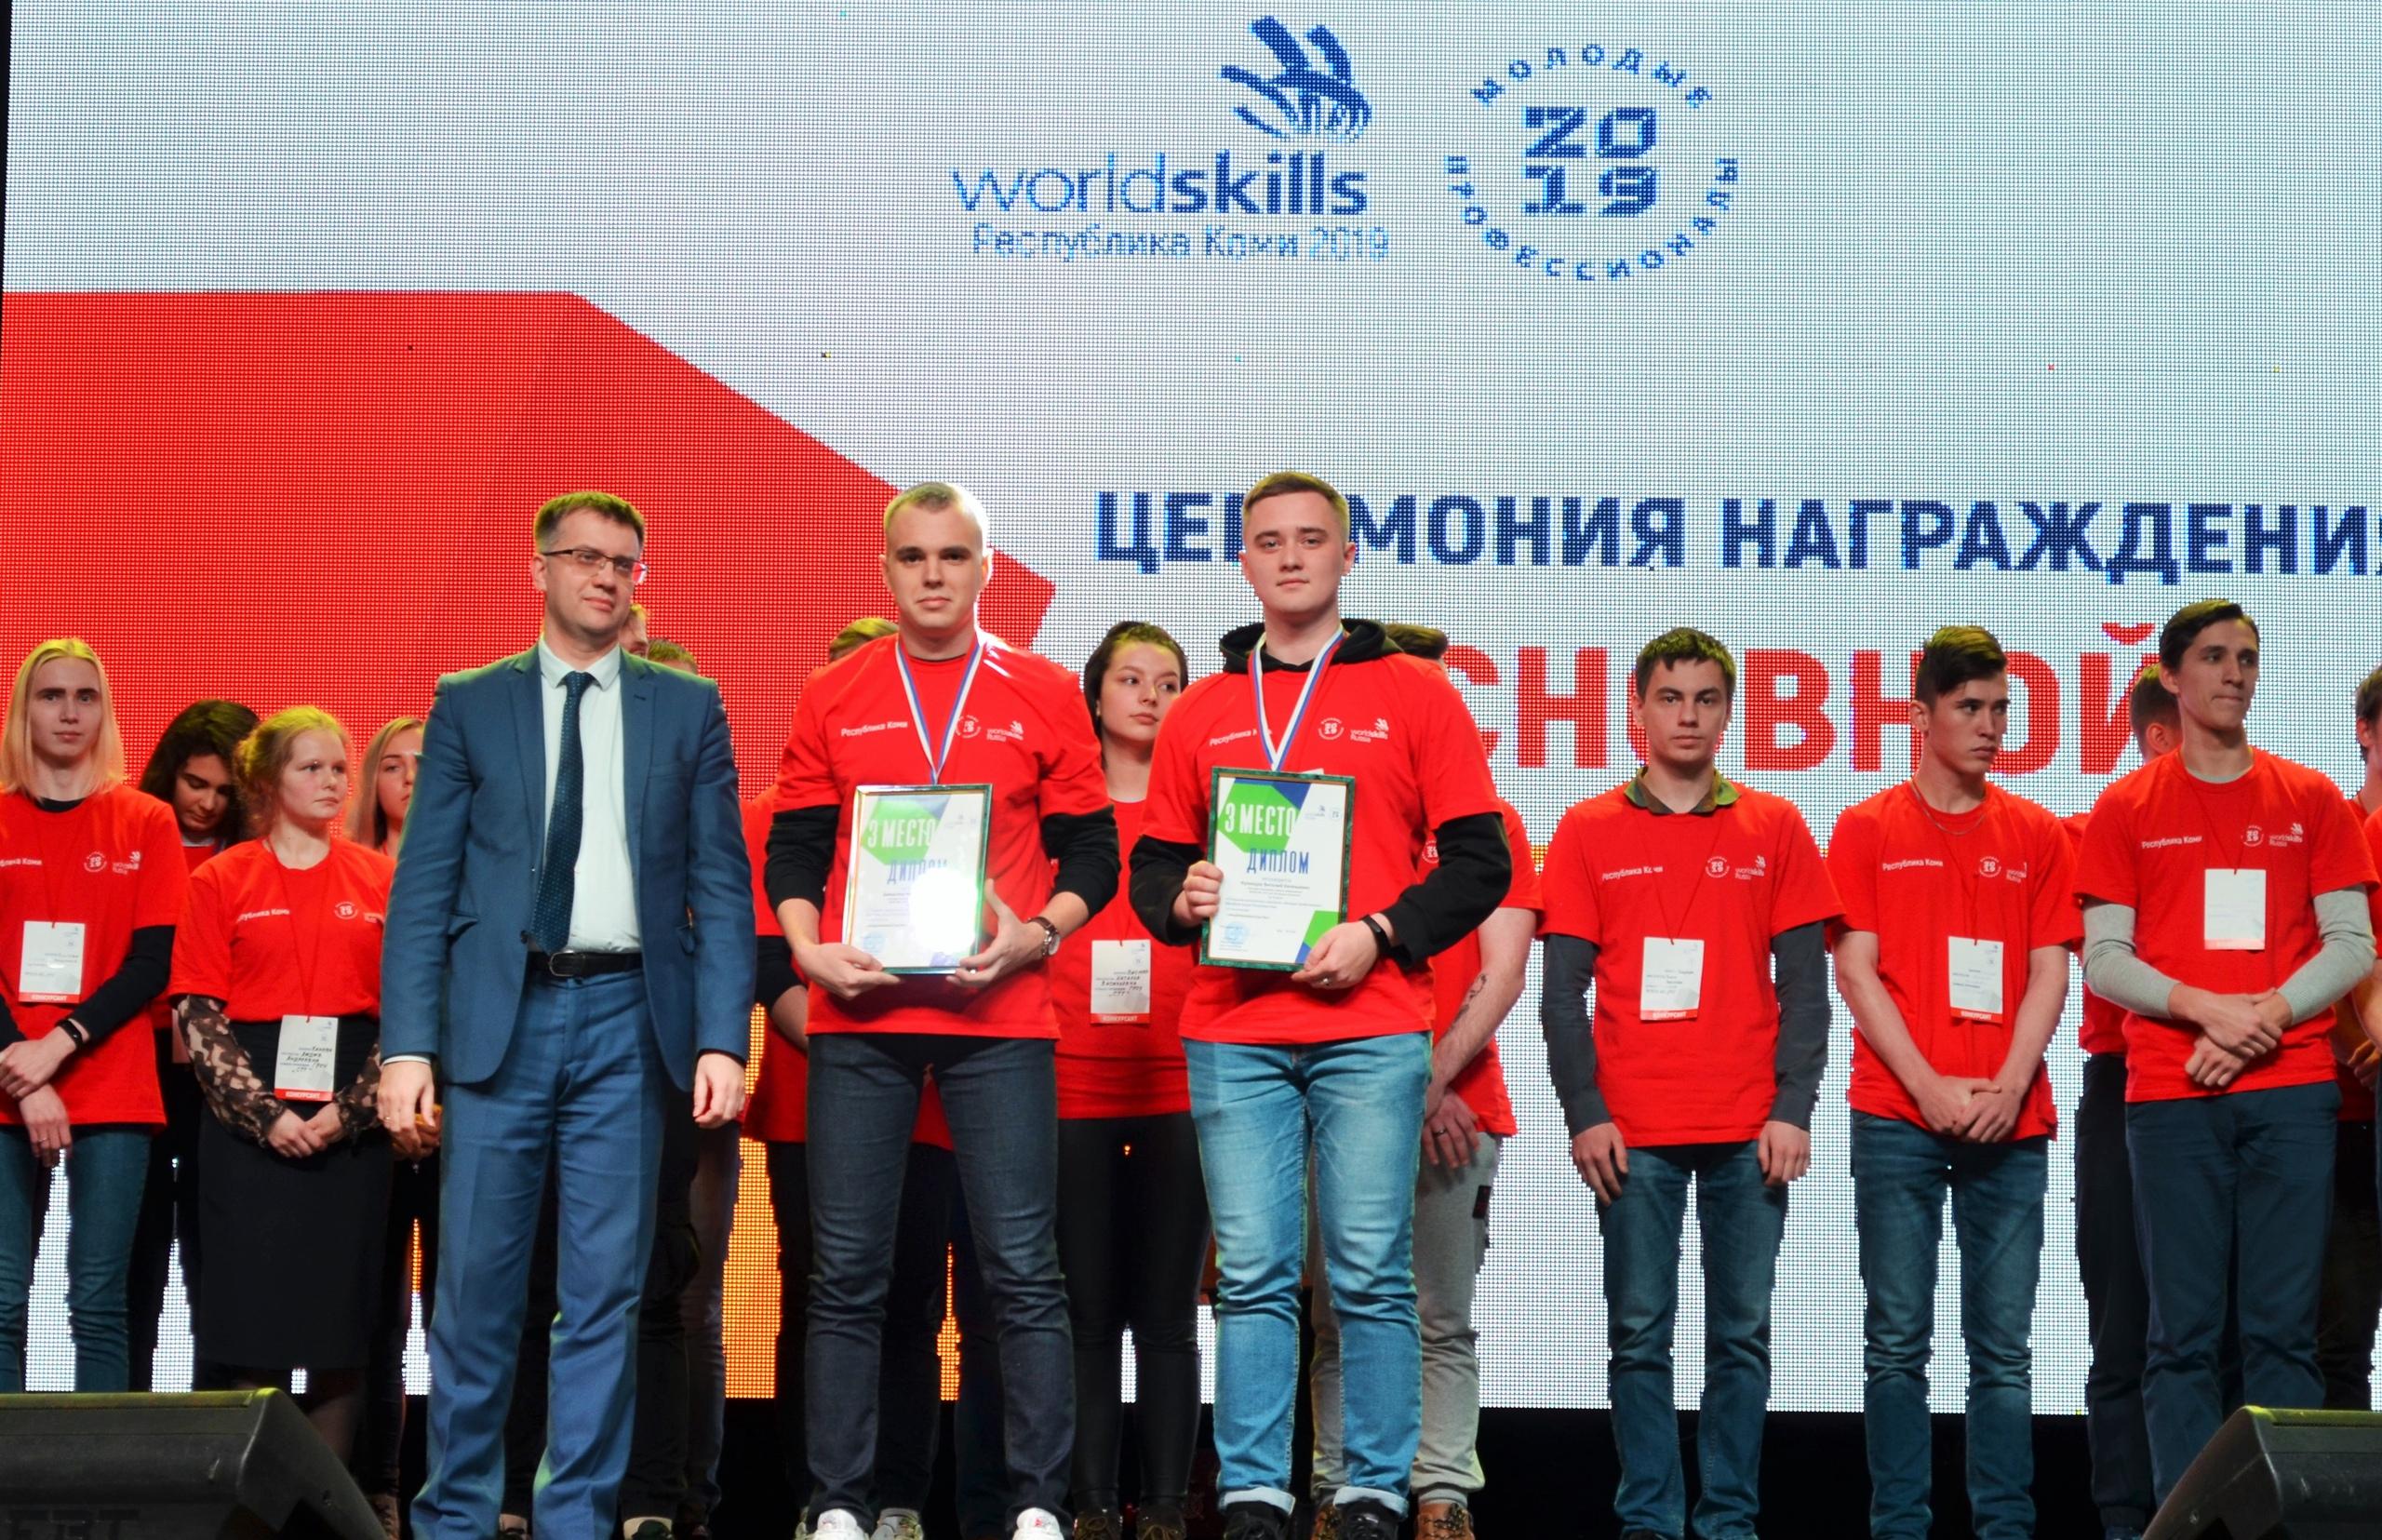 Бронзовая медаль регионального чемпионата WorldSkills по предпринимательству